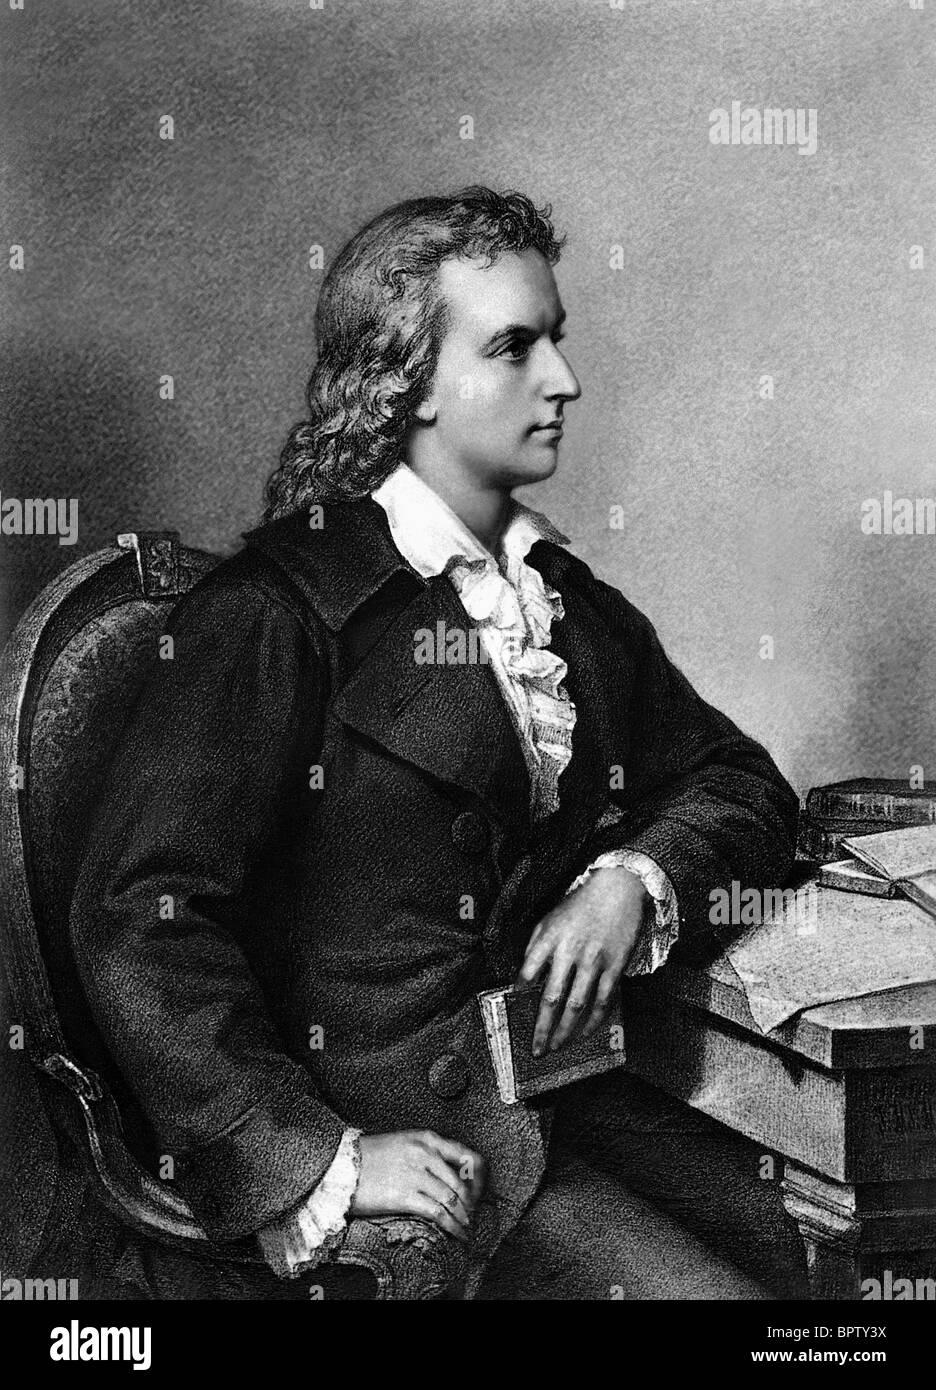 FRIEDRICH SCHILLER WRITER (1799) - Stock Image